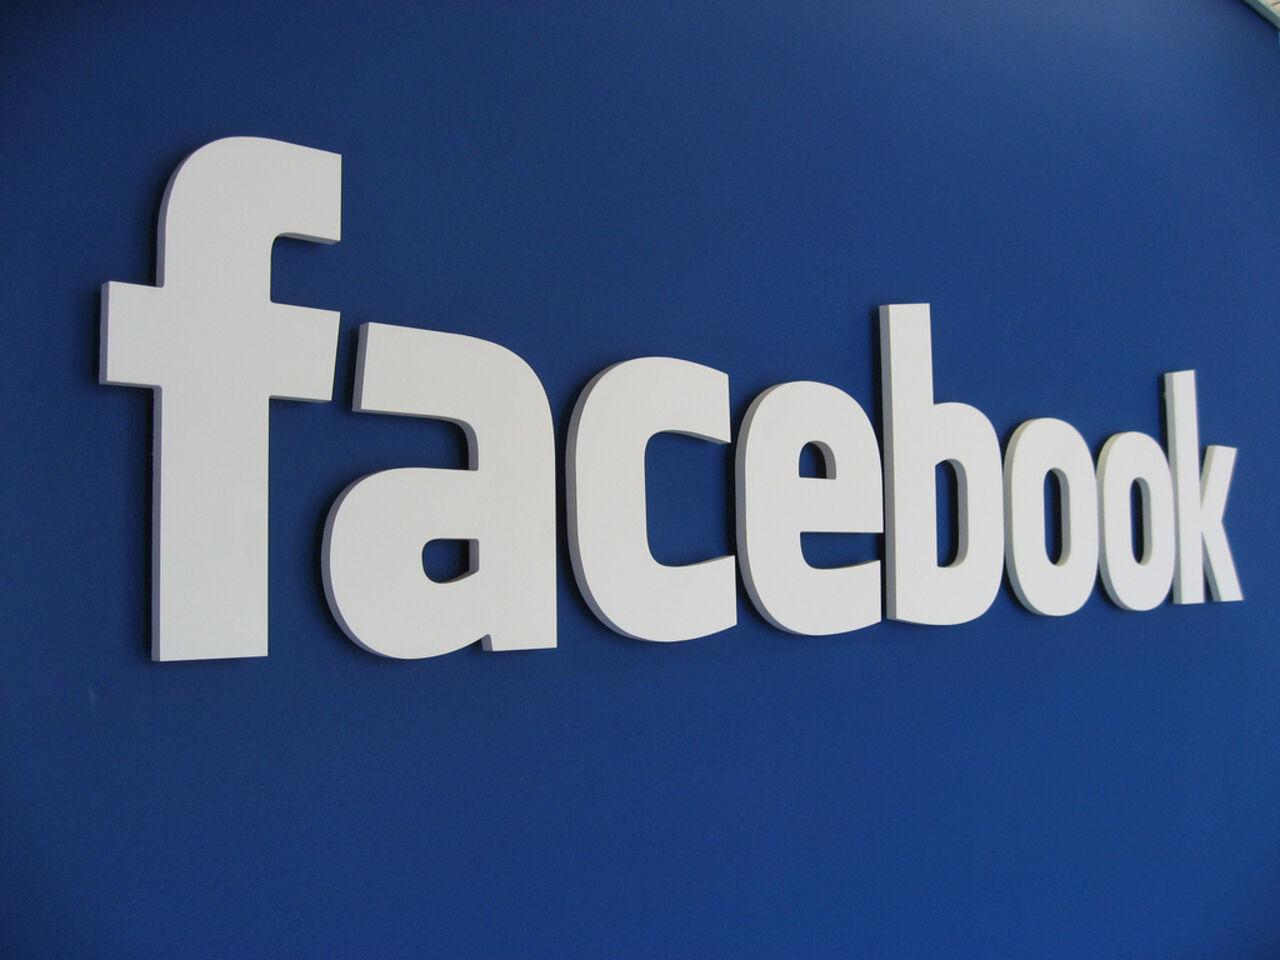 Социальная сеть Facebook начал перекрыть ссылки наTelegraph